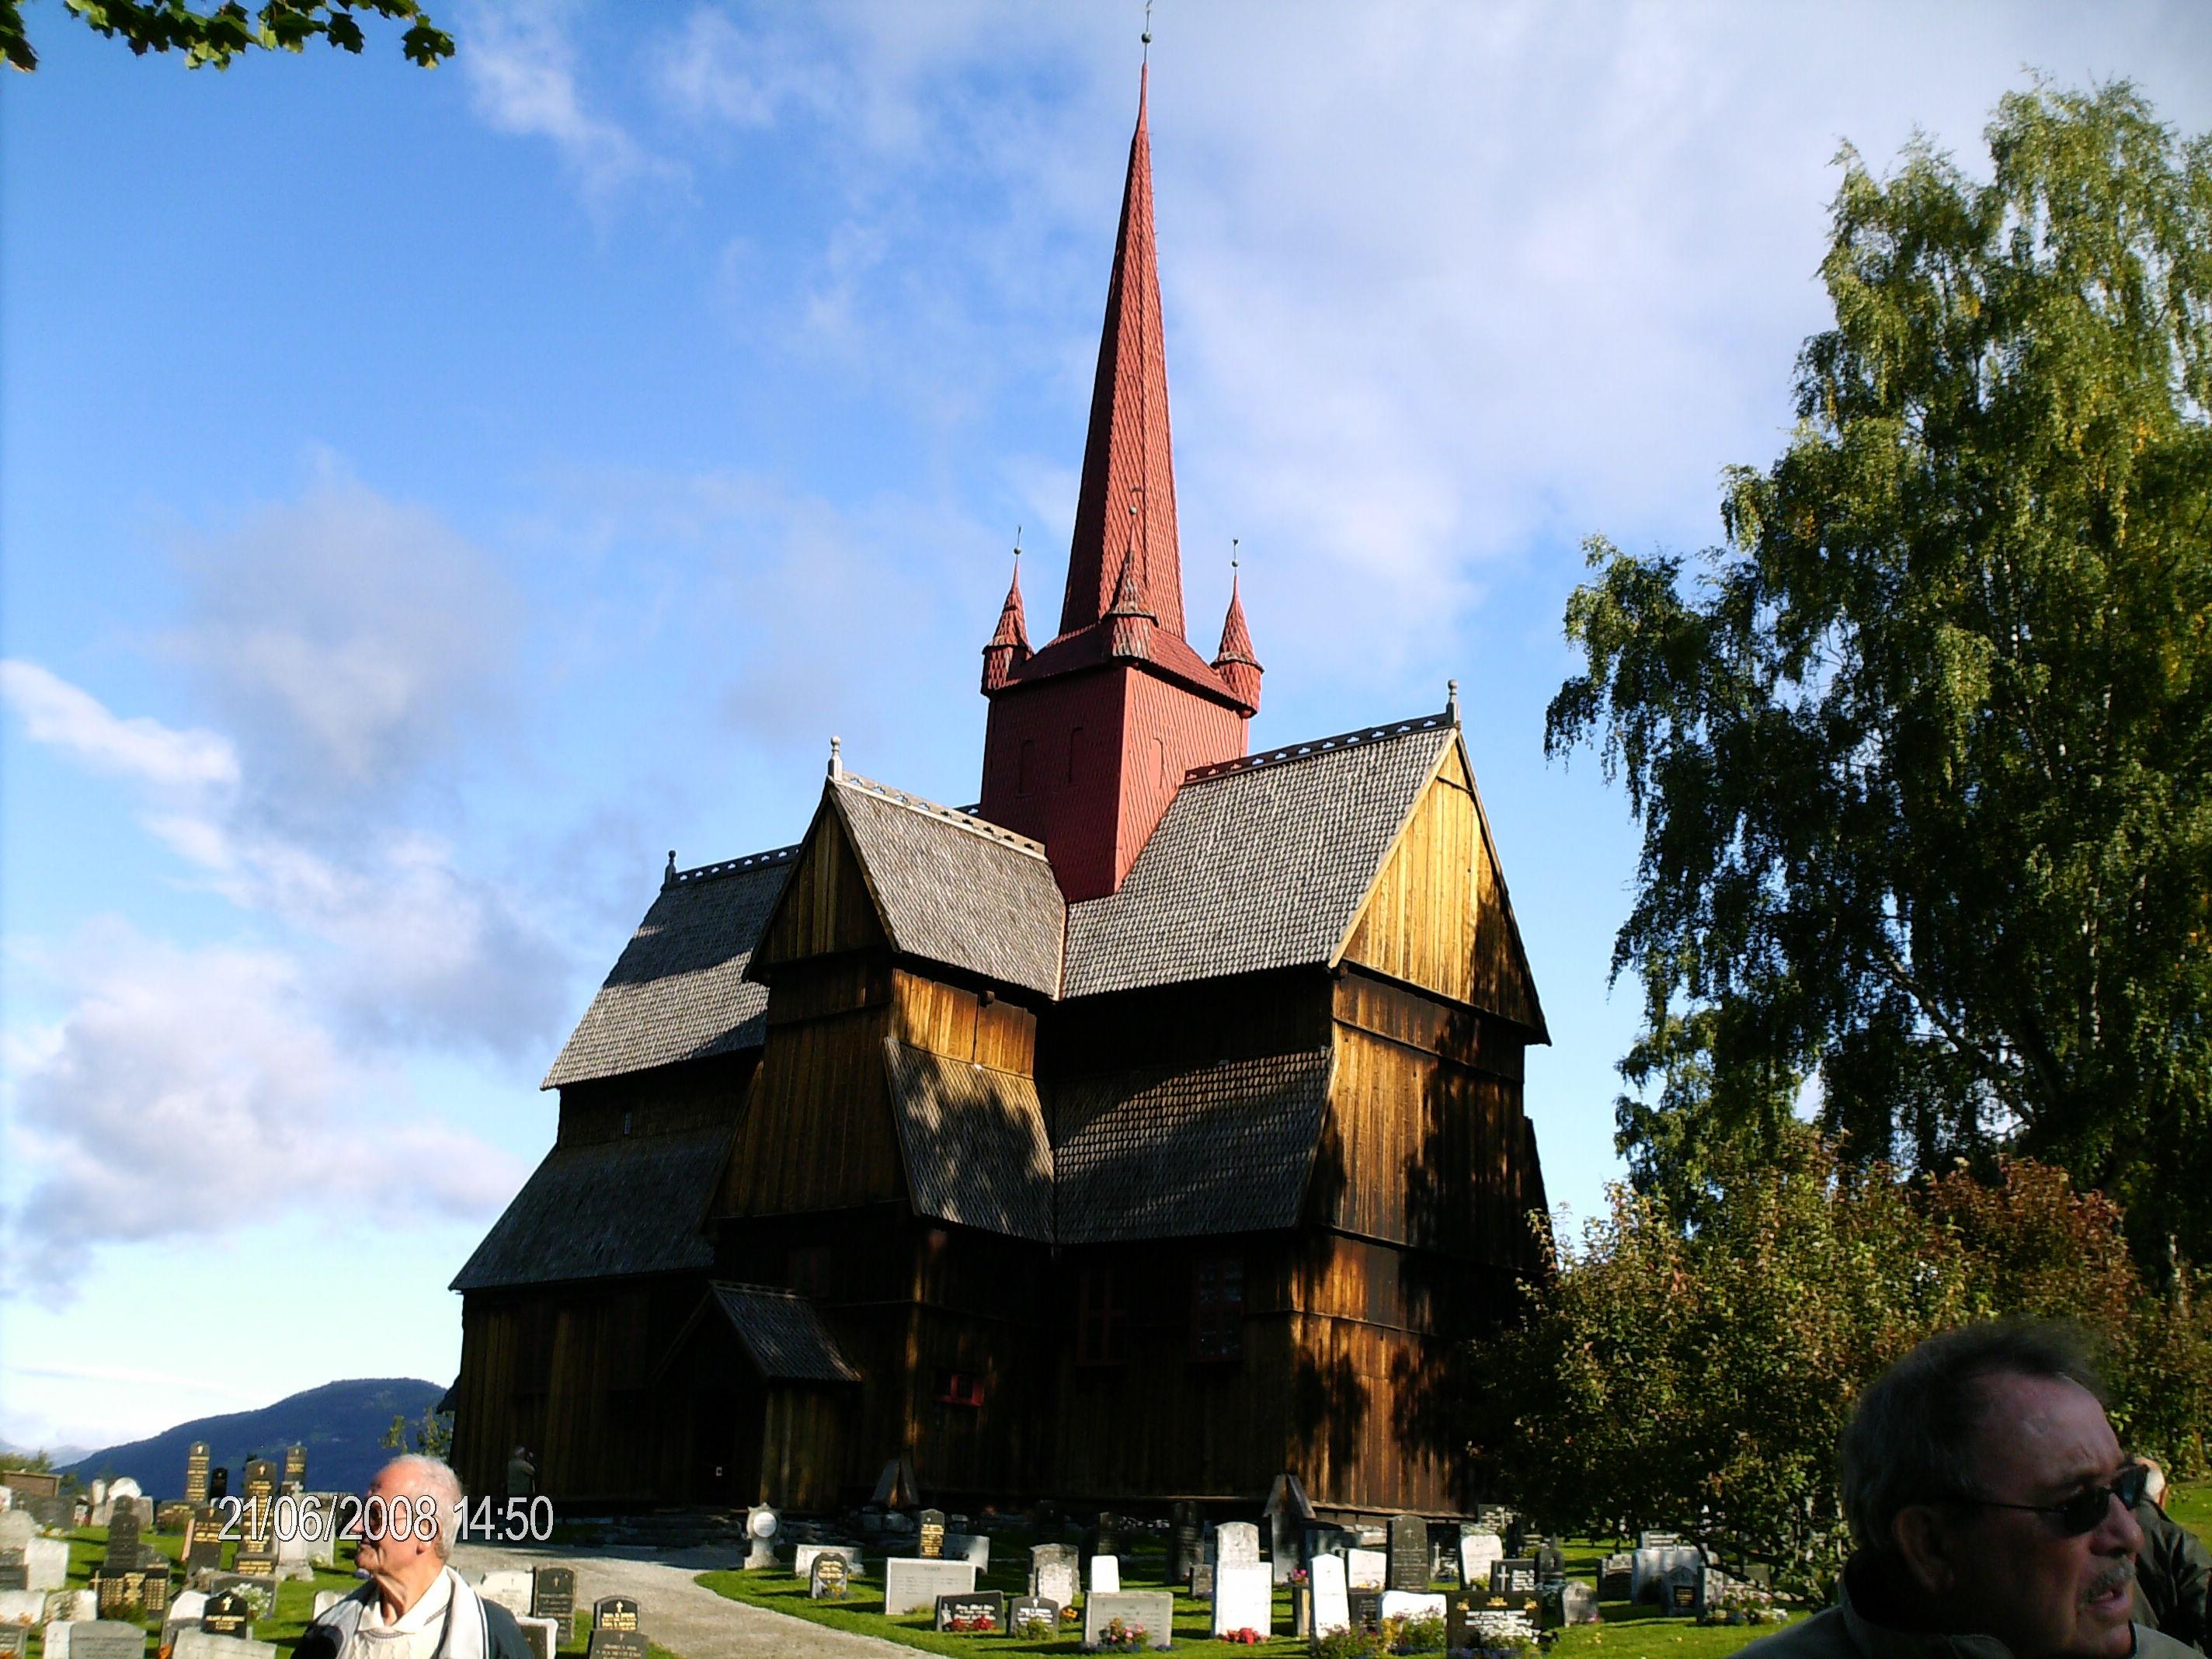 Un lieu de culte, un pays